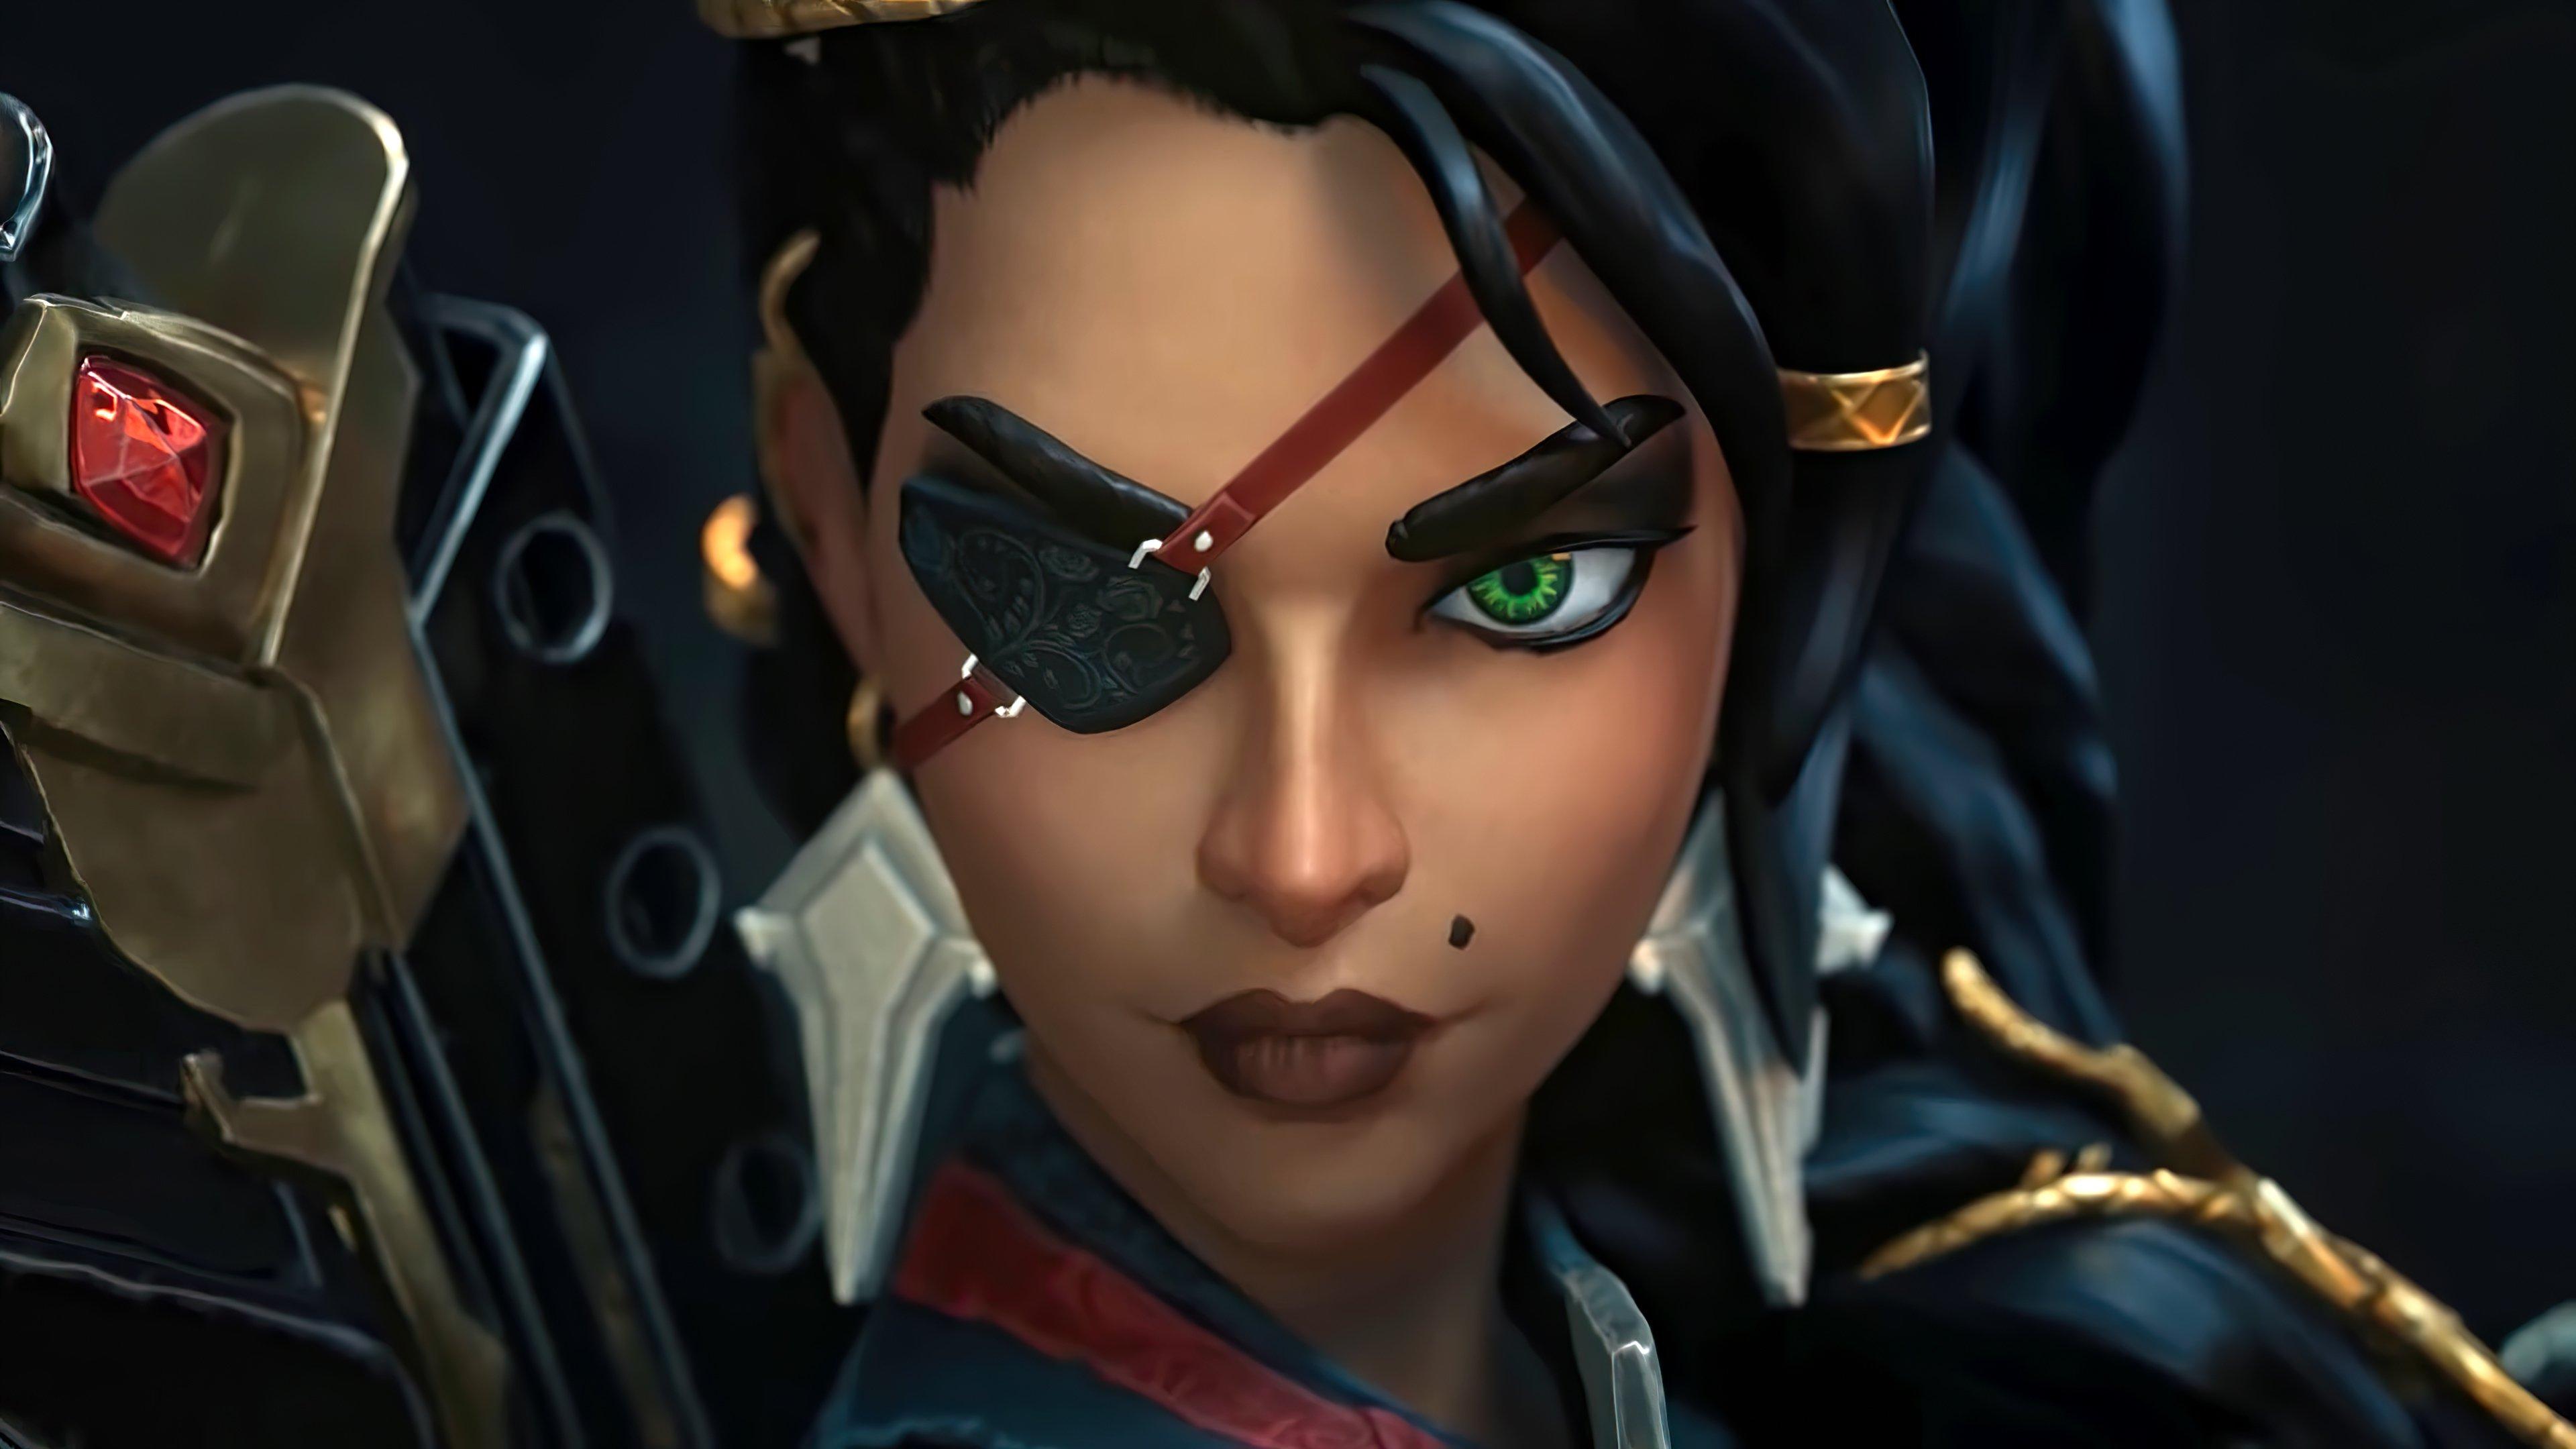 Wallpaper Samira from League of Legends